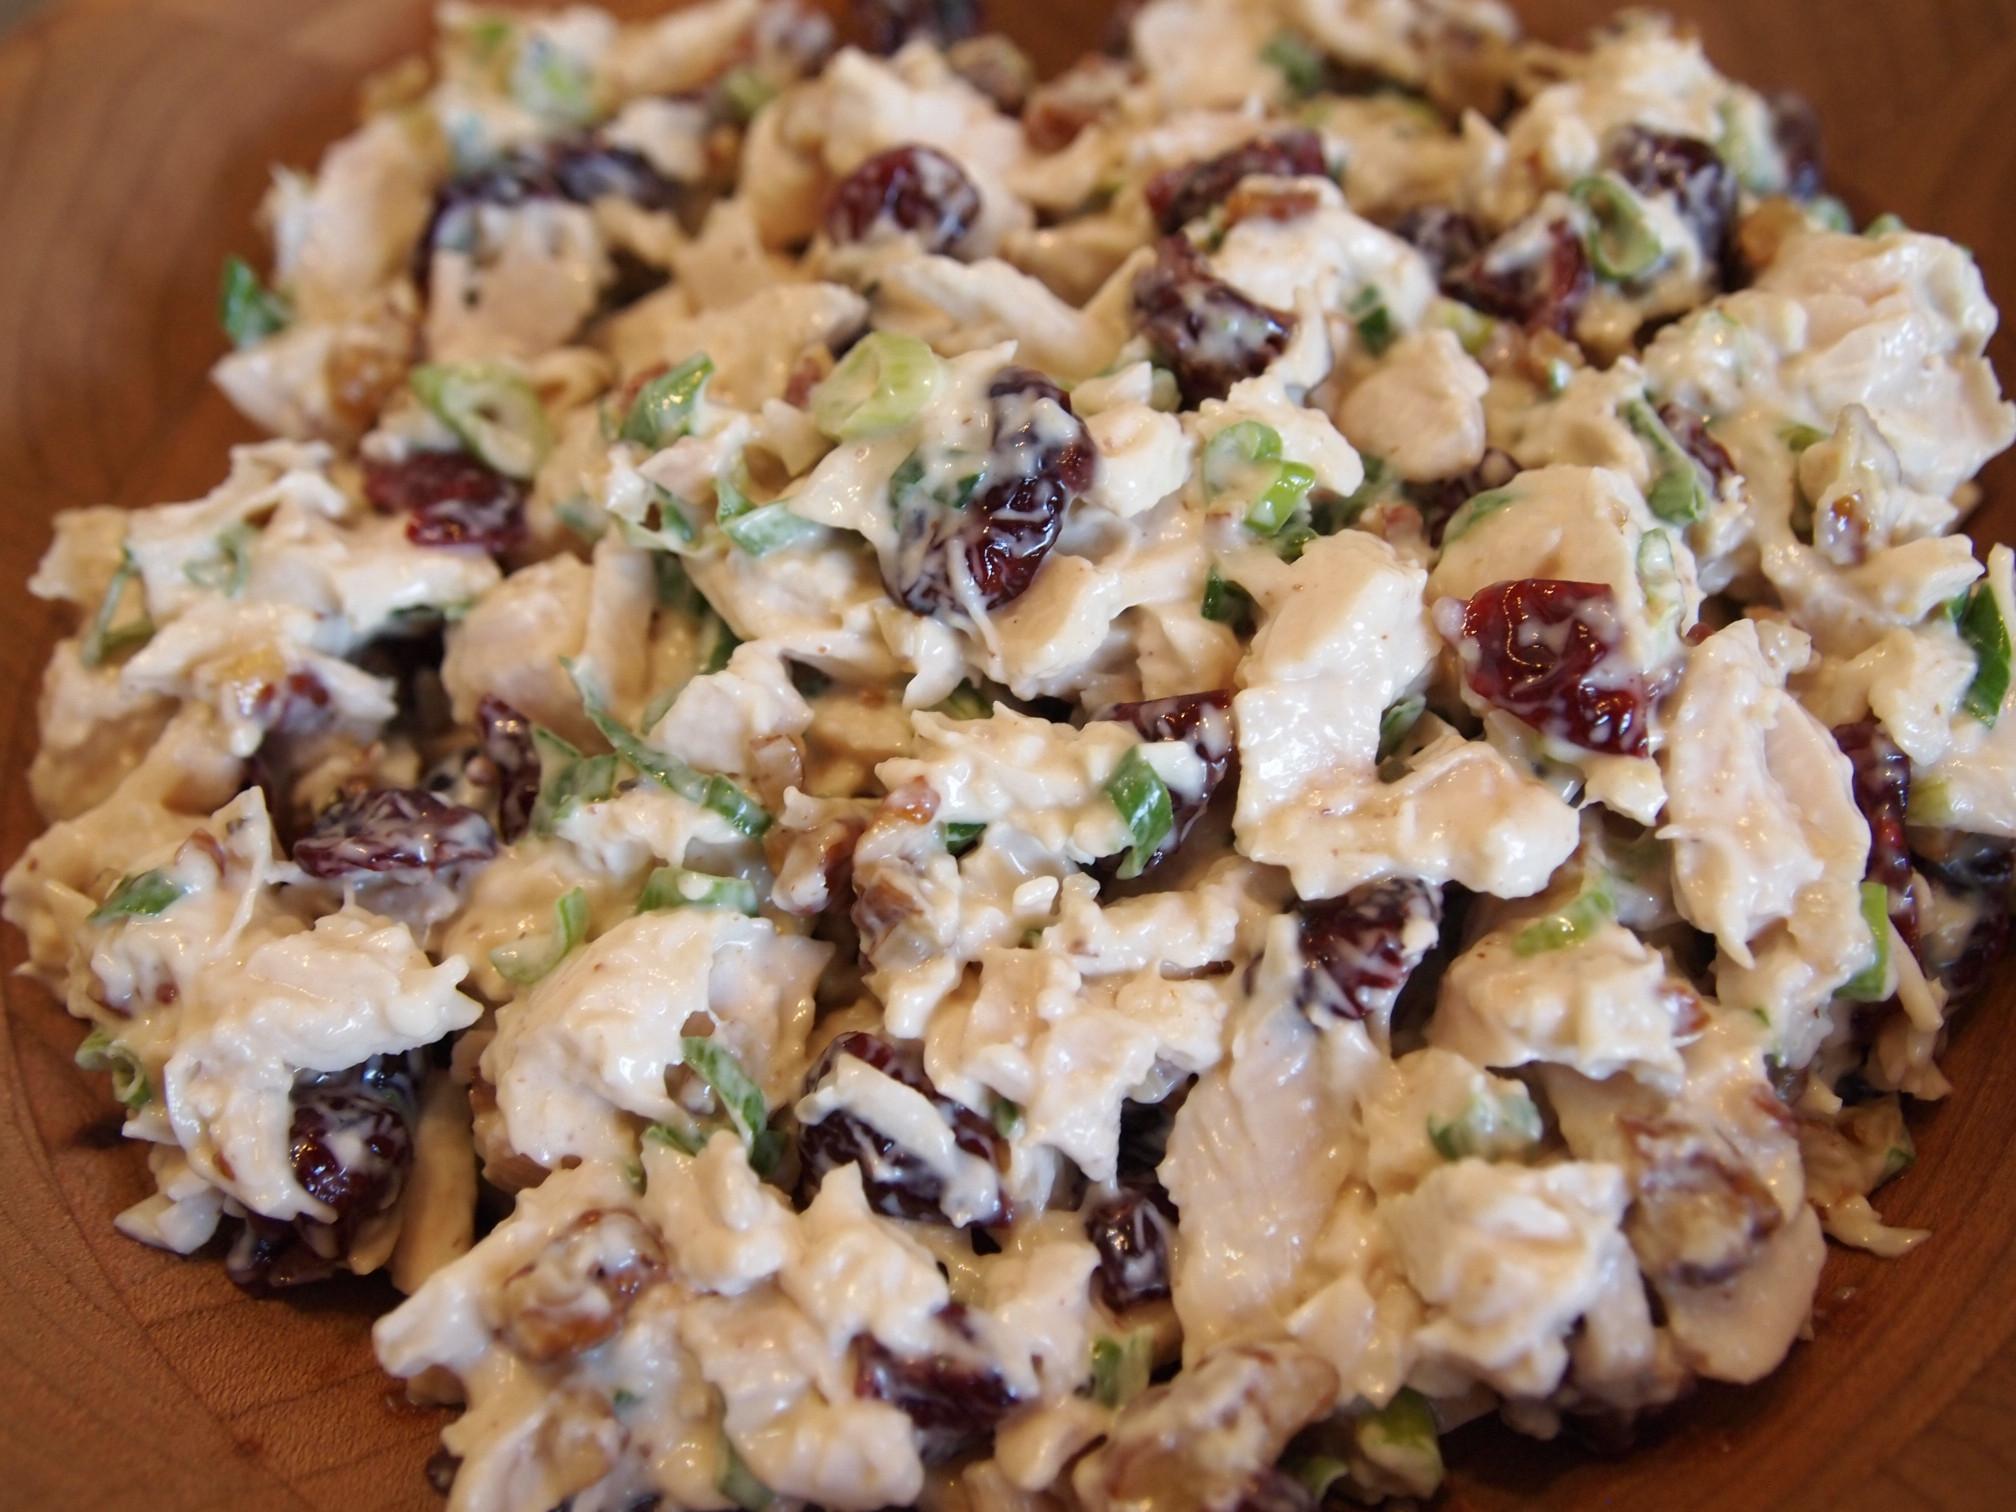 Chicken Salad Recipe  Chicken Salad Recipe with Cranberries & Pecans